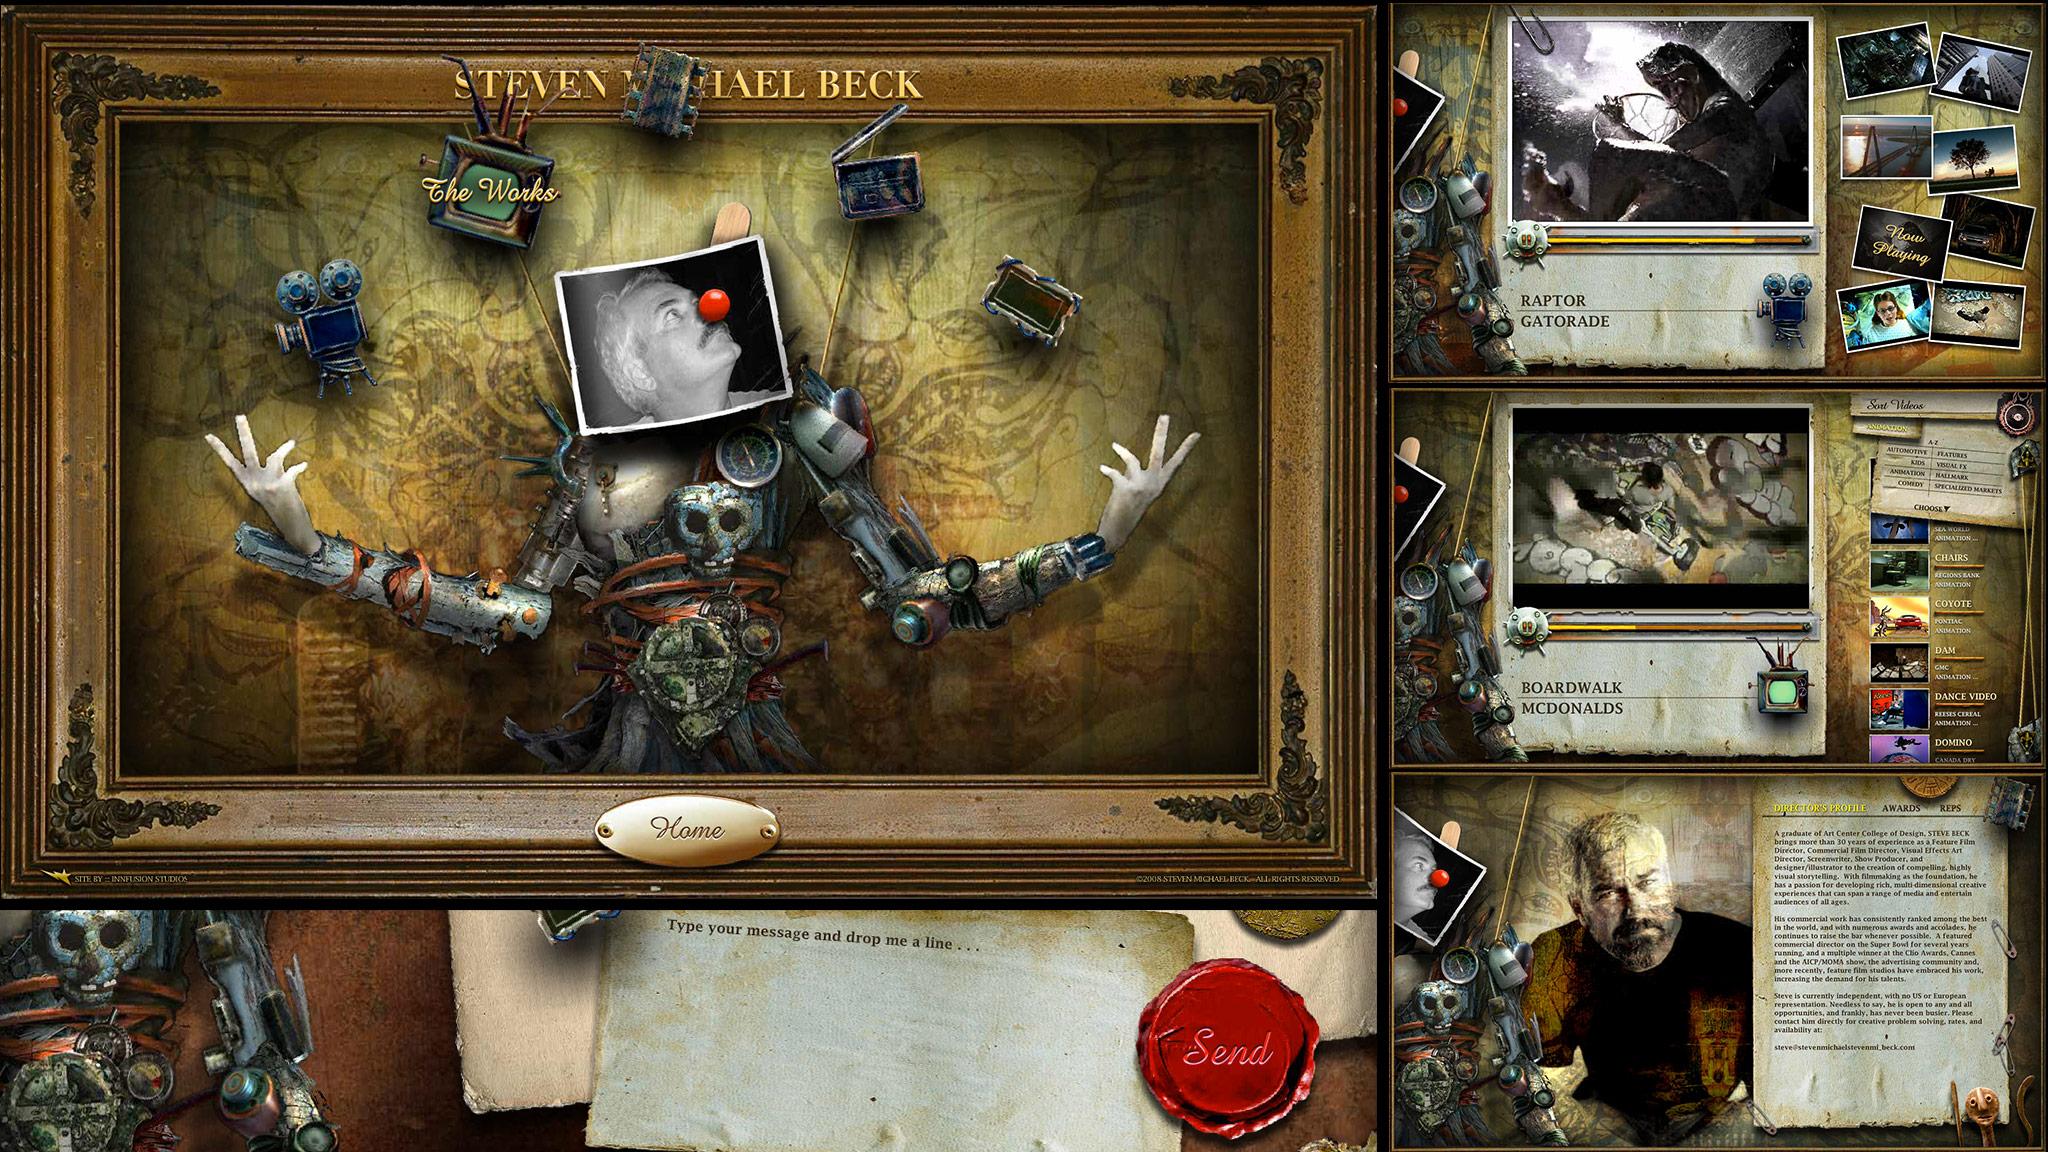 Web_Beck.jpg